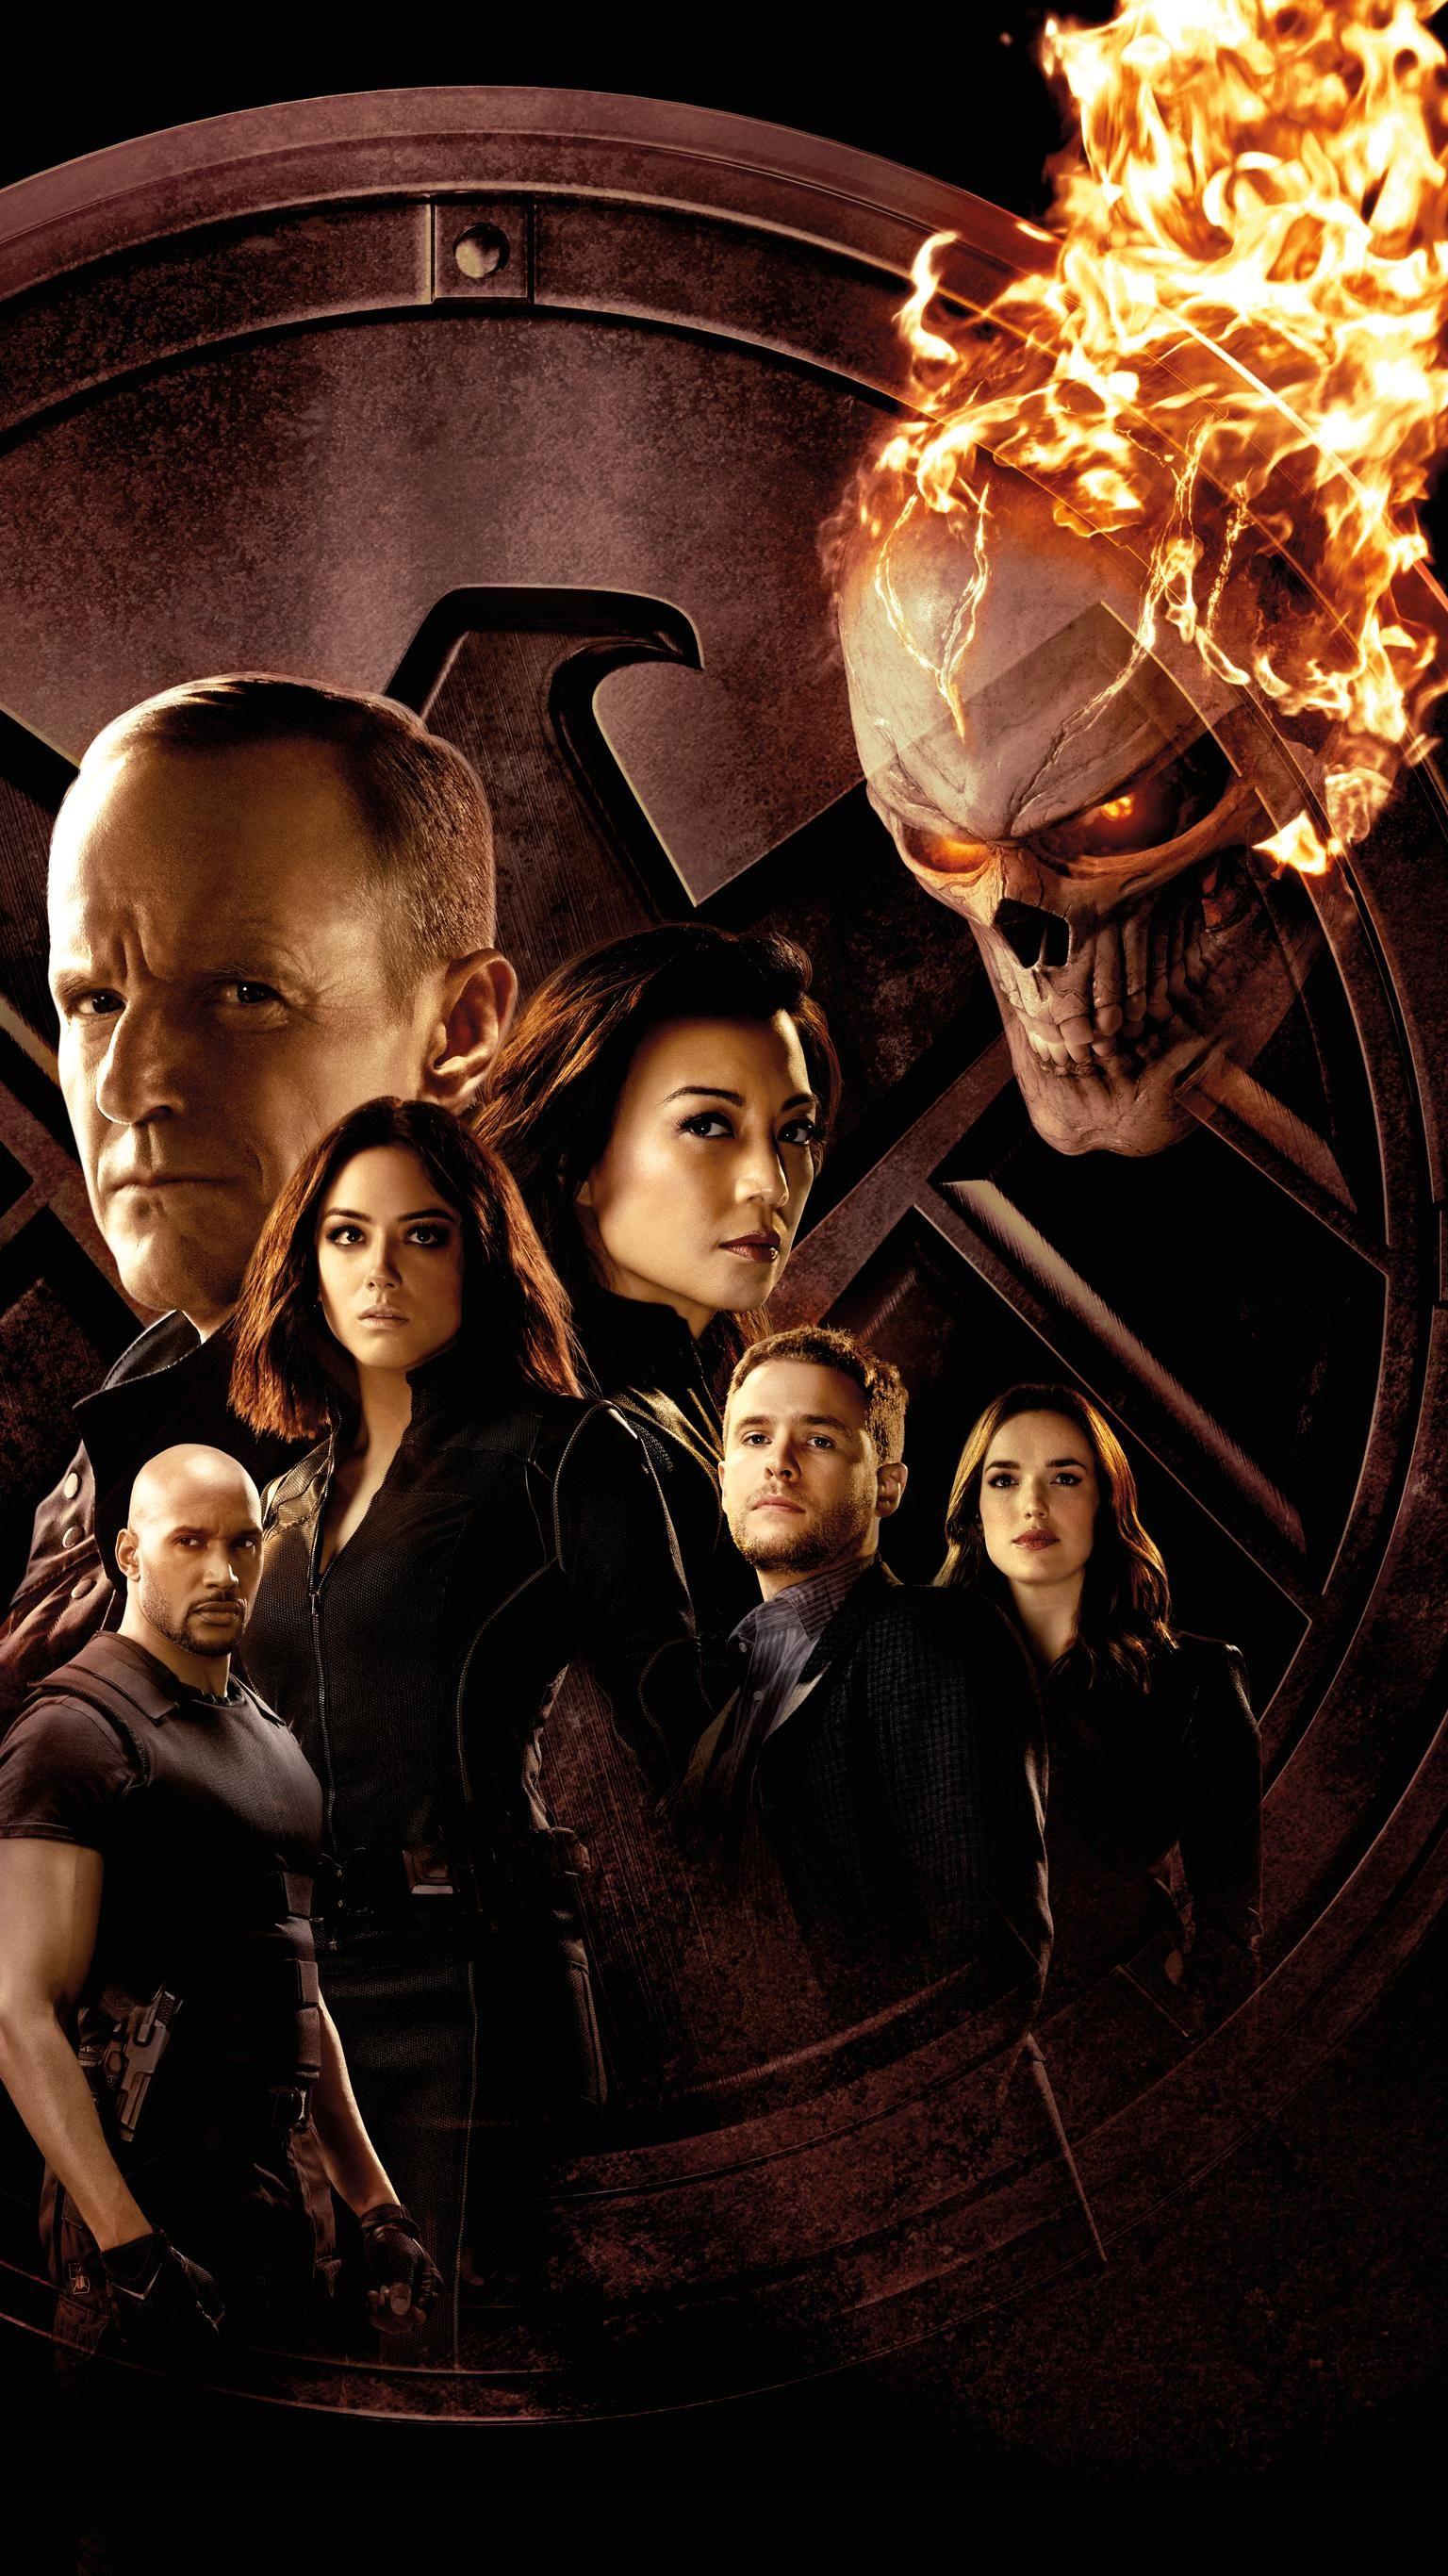 Marvel S Agents Of S H I E L D Phone Wallpaper Moviemania Agents Of Shield Marvels Agents Of Shield Marvel Agents Of Shield